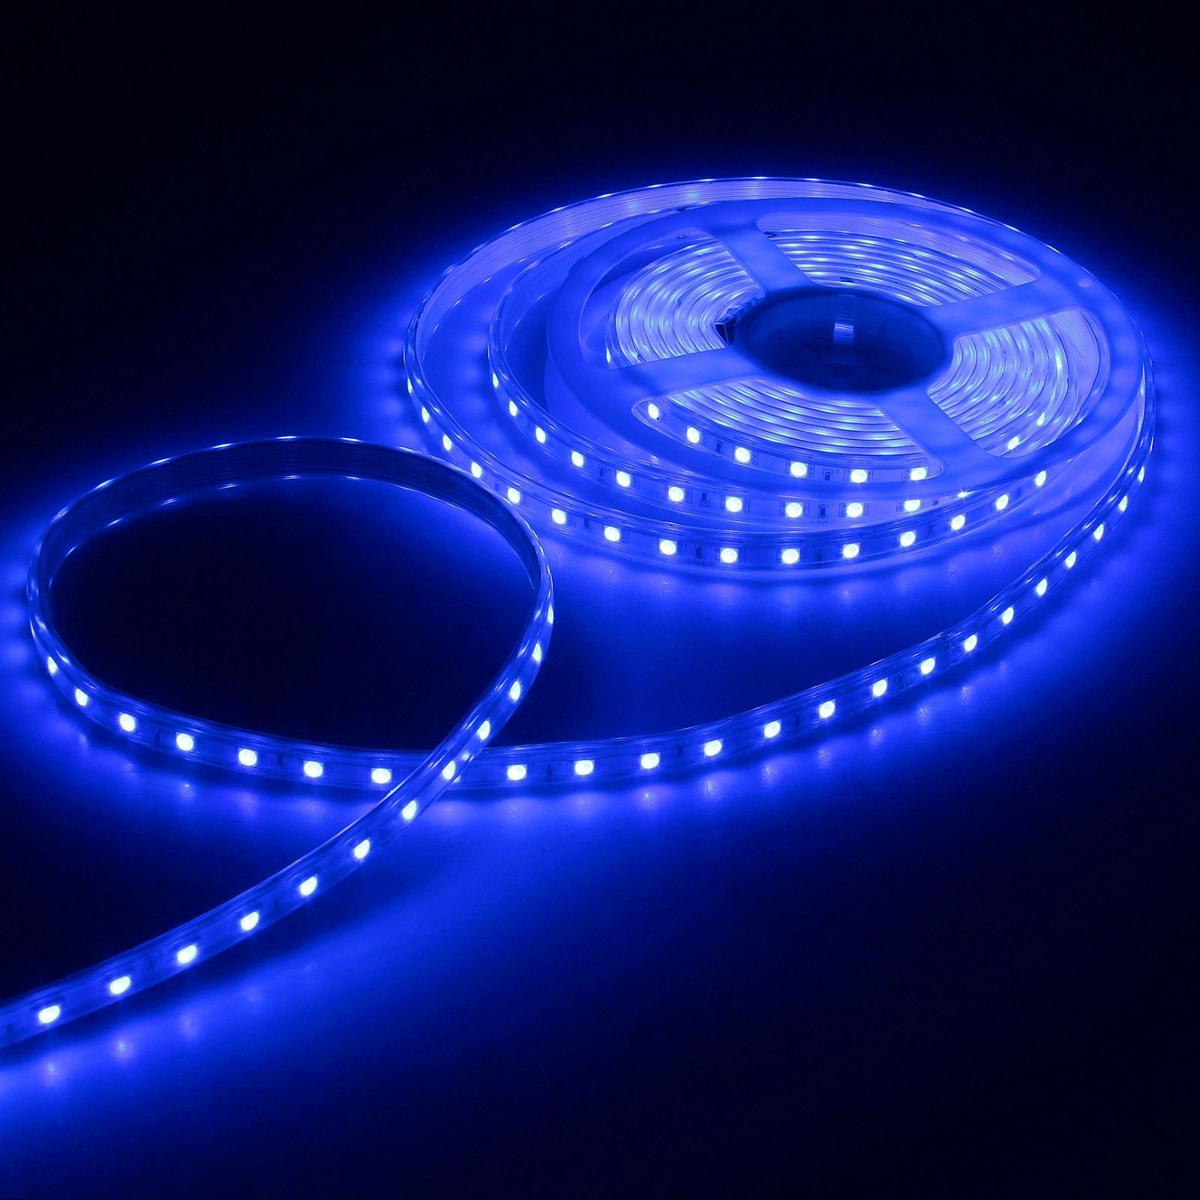 Светодиодная лента Luazon, 220В, SMD5050, длина 5 м, IP65, 60 LED ламп, 11 Вт/м, 16-18 Лм/1 LED, AC, цвет: синий883972Светодиодные гирлянды, ленты и т.д — это отличный вариант для новогоднего оформления интерьера или фасада. С их помощью помещение любого размера можно превратить в праздничный зал, а внешние элементы зданий, украшенные ими, мгновенно станут напоминать очертания сказочного дворца. Такие украшения создают ауру предвкушения чуда. Деревья, фасады, витрины, окна и арки будто специально созданы, чтобы вы украсили их светящимися нитями.